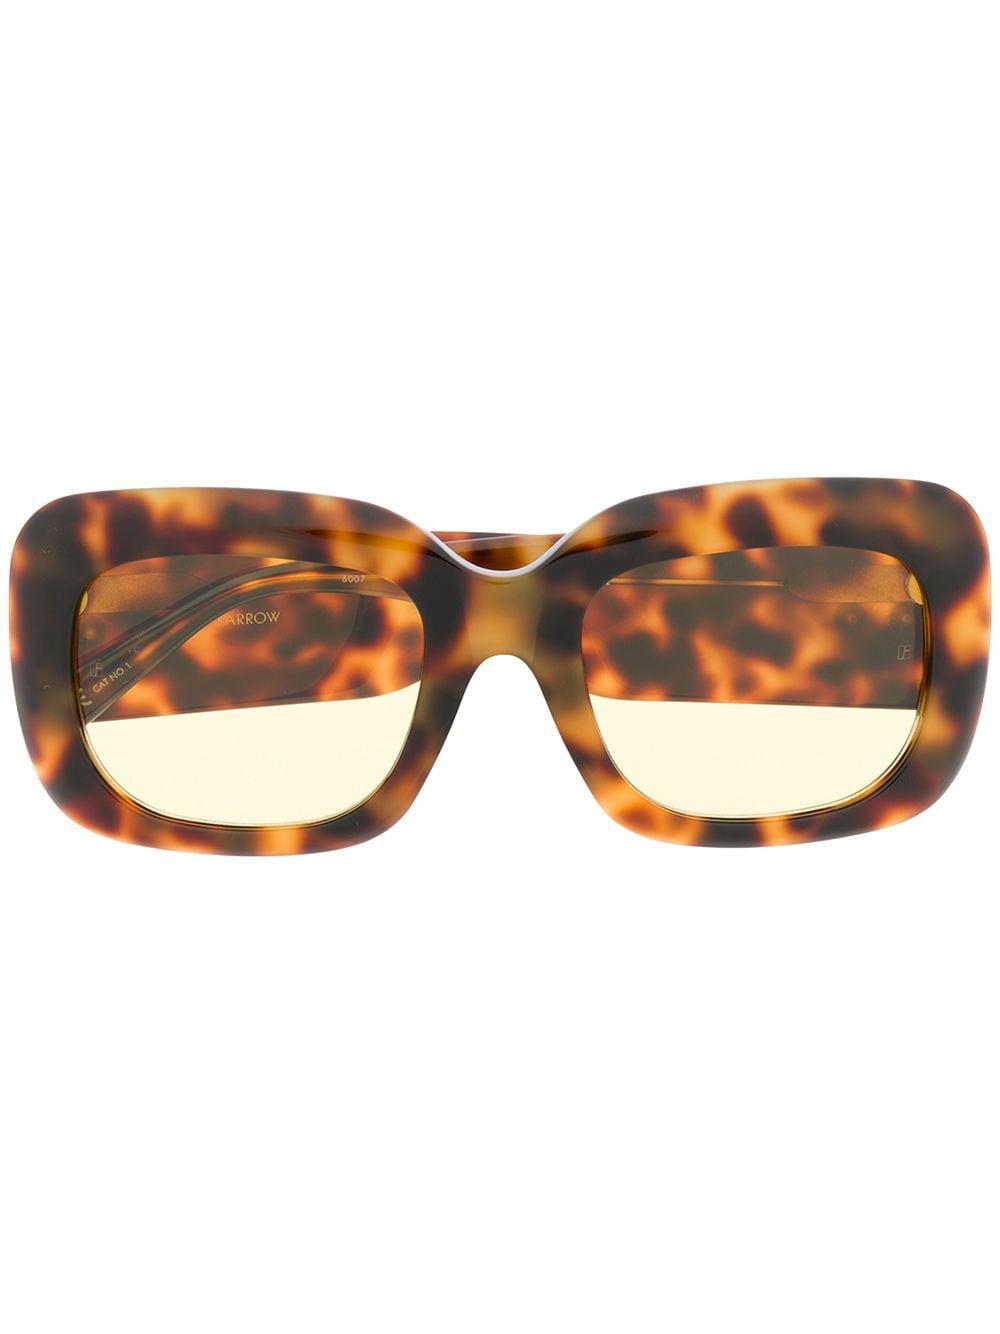 Linda Farrow Sonnenbrille in Schildpattoptik - Braun